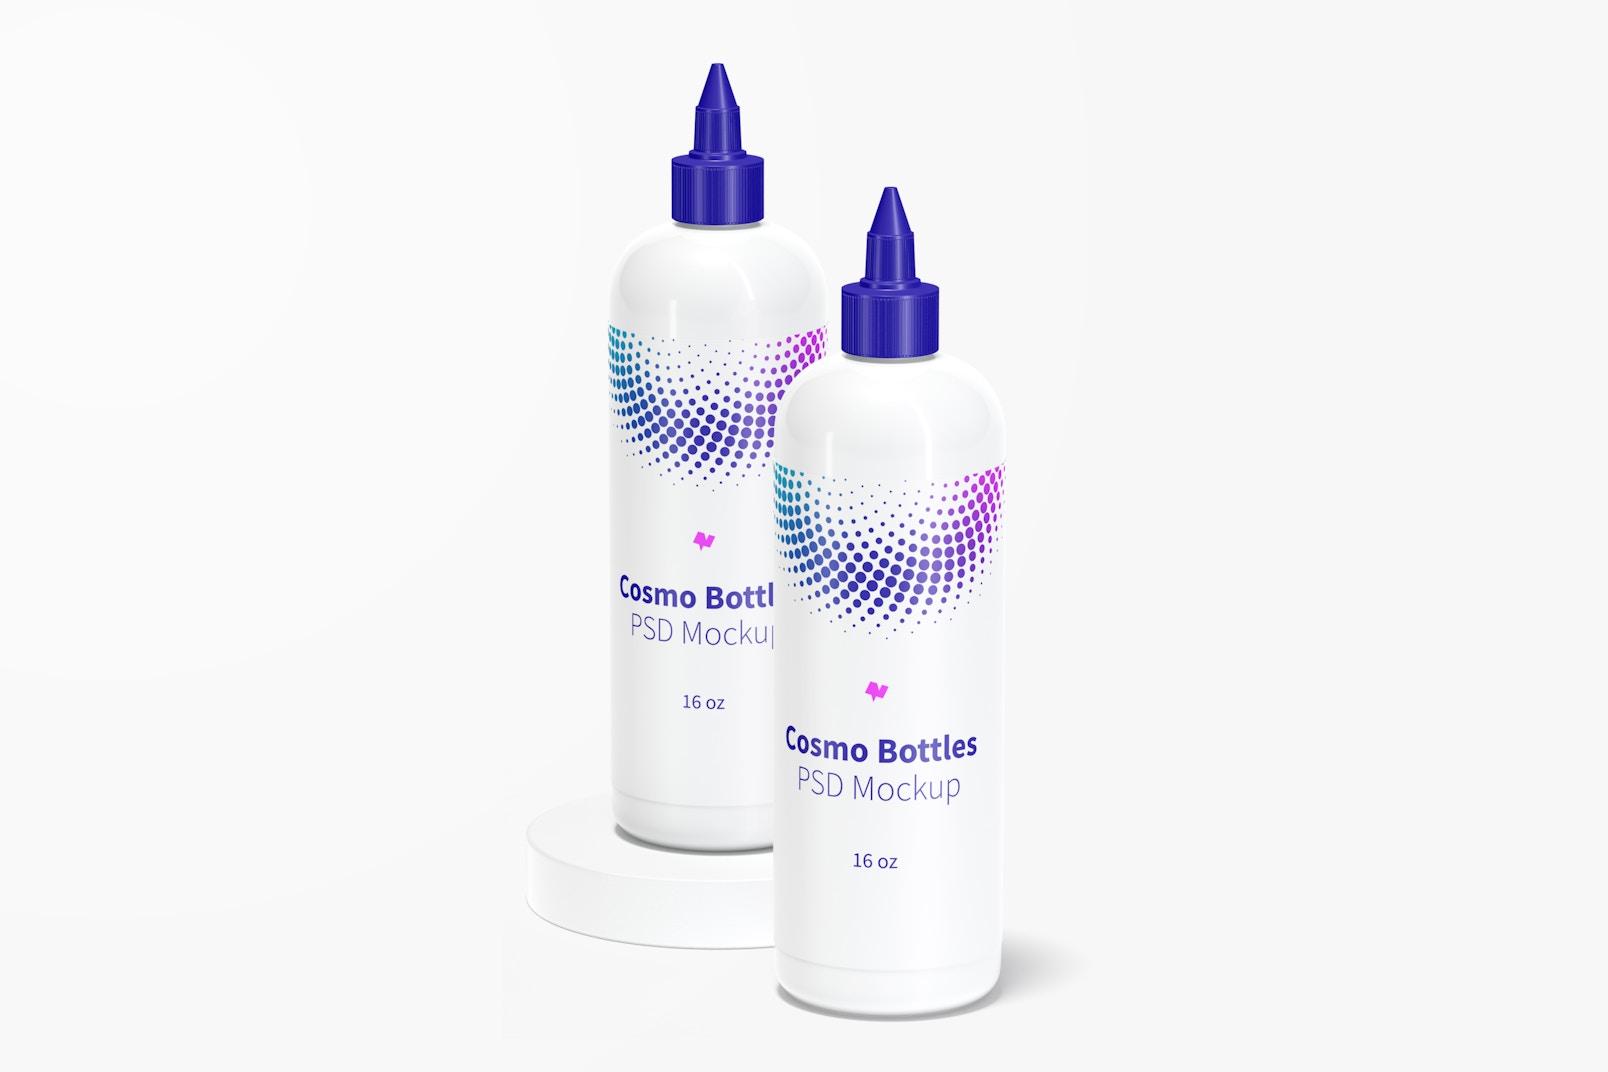 Maqueta de Botellas Cosmo con Tapa Giratoria de 16 oz, Vista Derecha